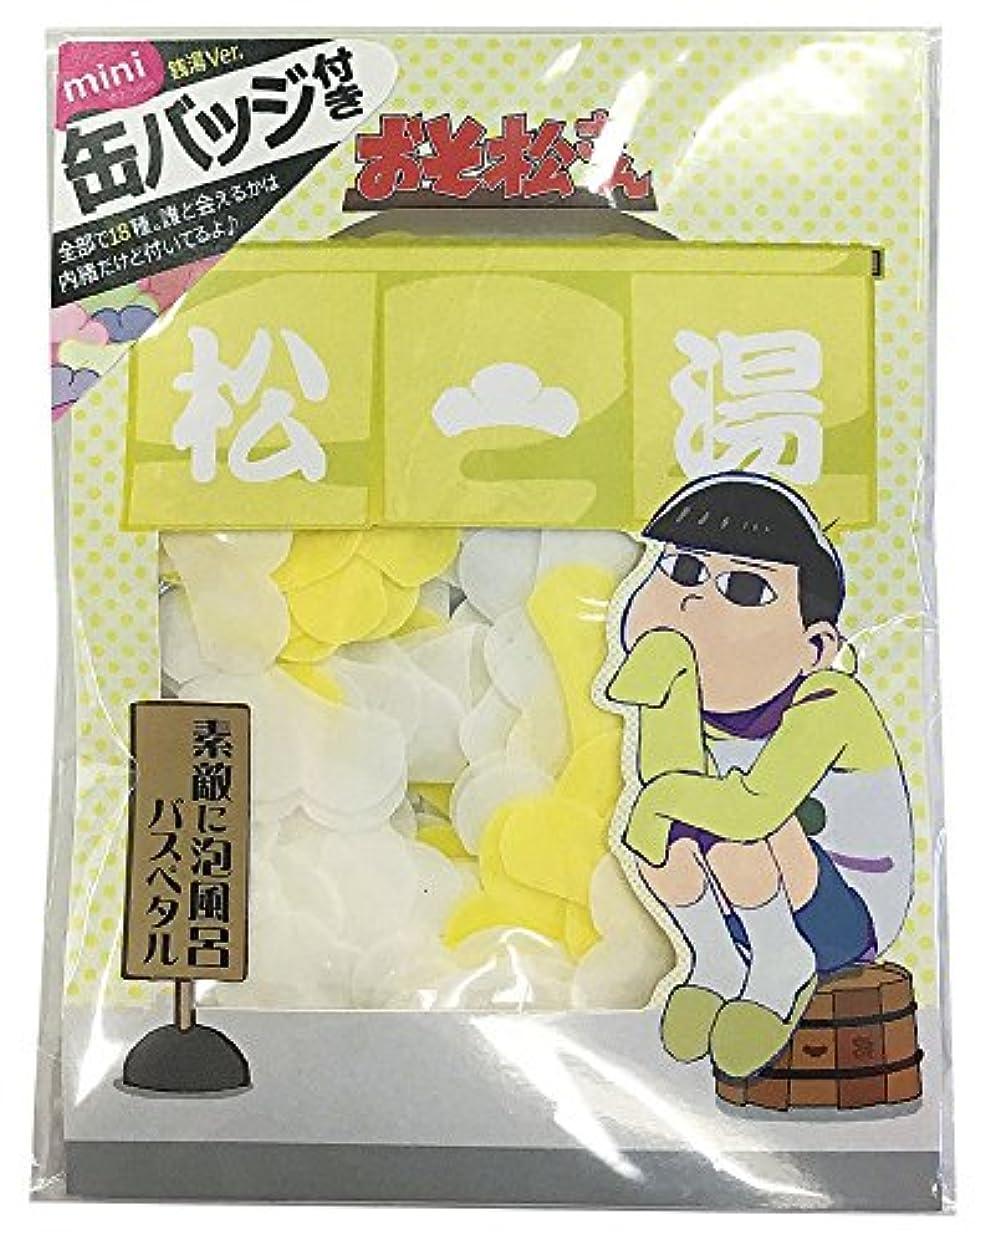 第九パパ重力おそ松さん 入浴剤 バスペタル 十四松 香り付き ミニ缶バッジ付き ABD-001-005